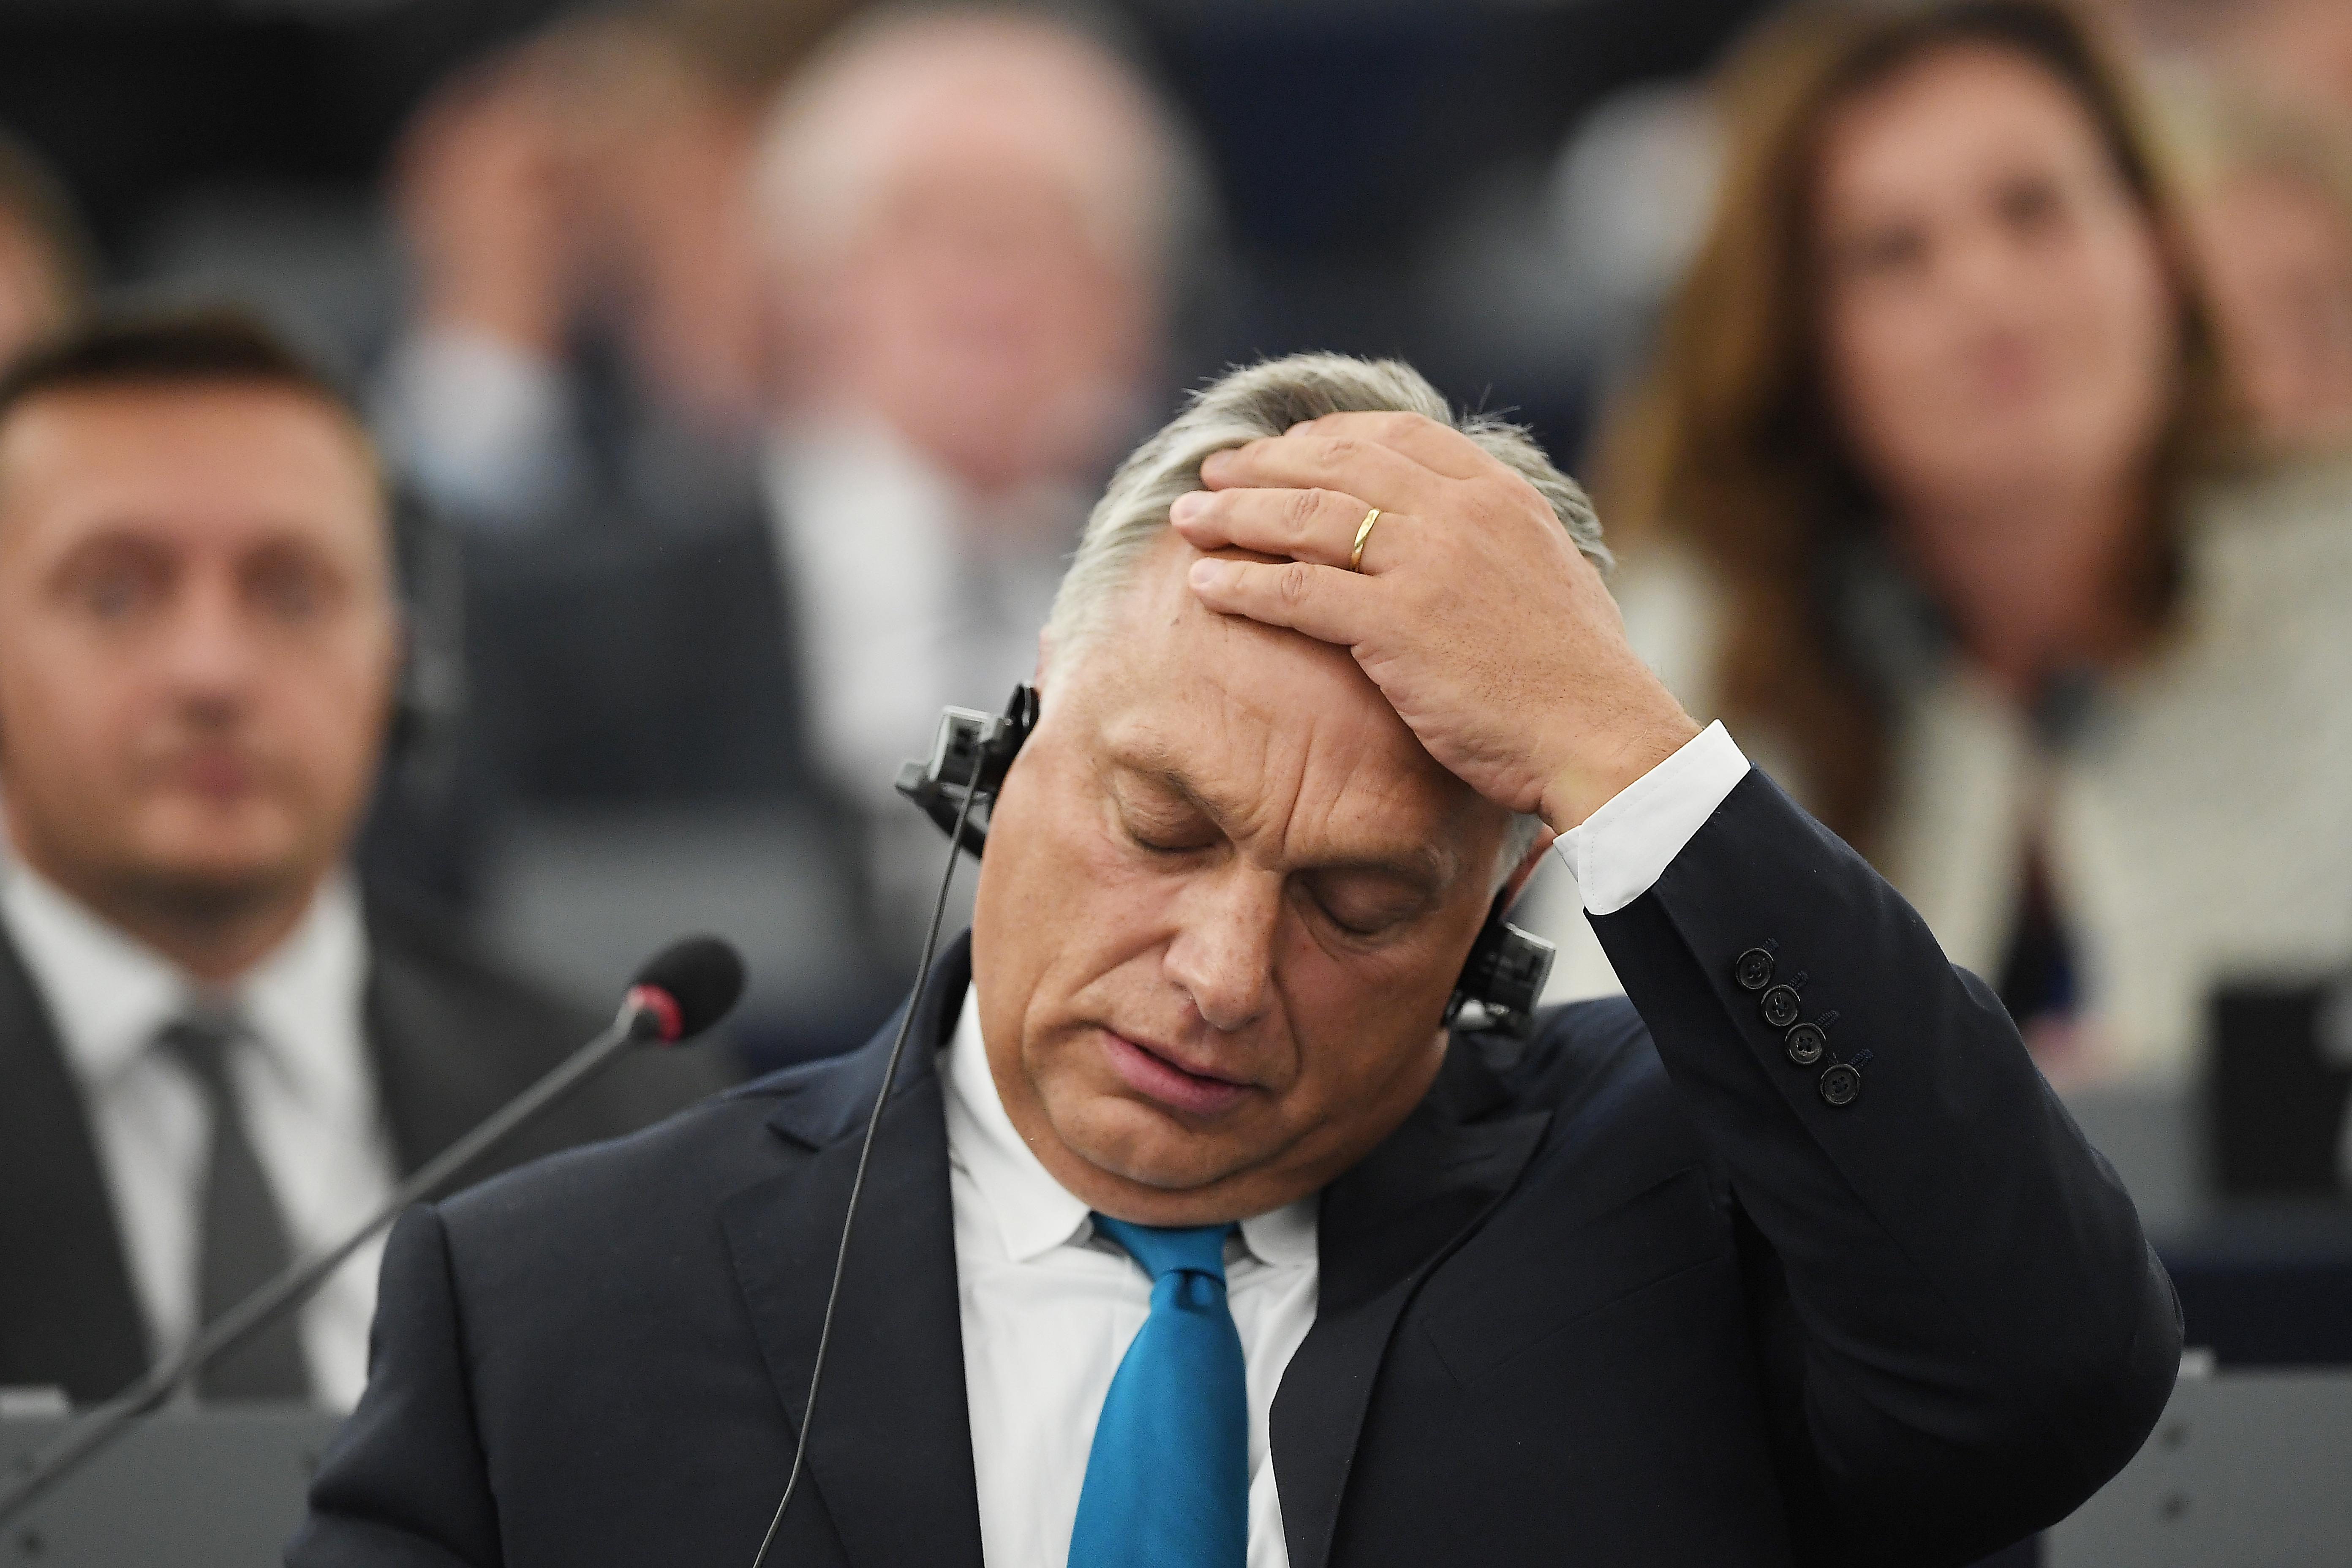 Rásütötték a szégyen bélyegét az Orbán-kormányra az EP-képviselők